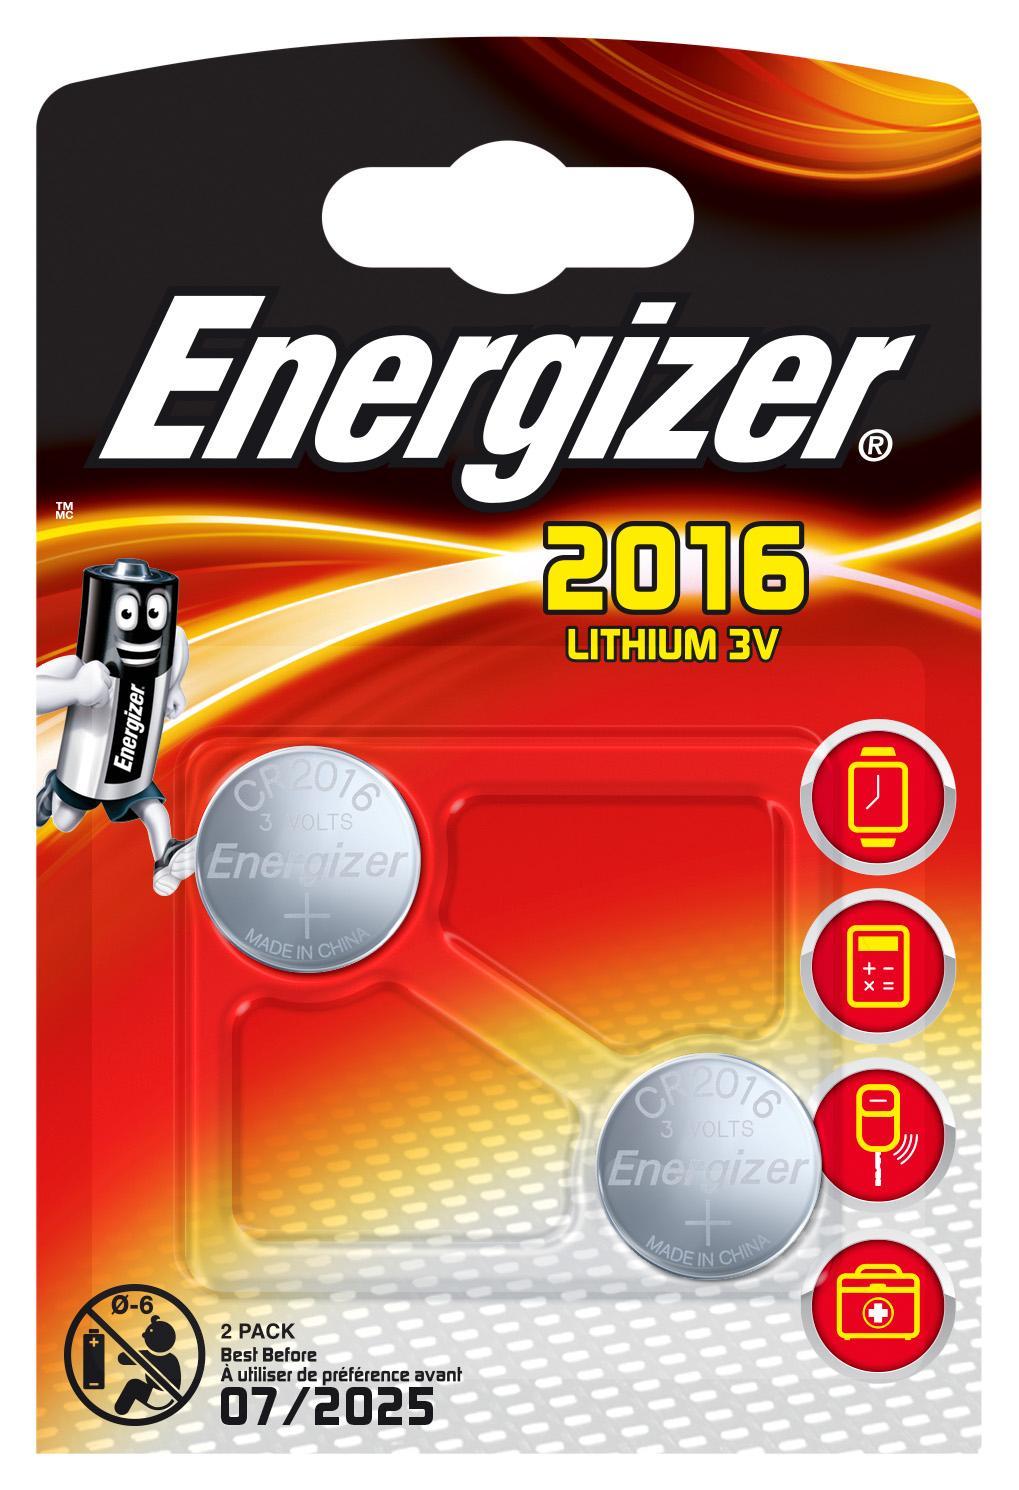 Energizer 7638900248340 batteria per uso domestico Batteria monouso CR2016 Litio